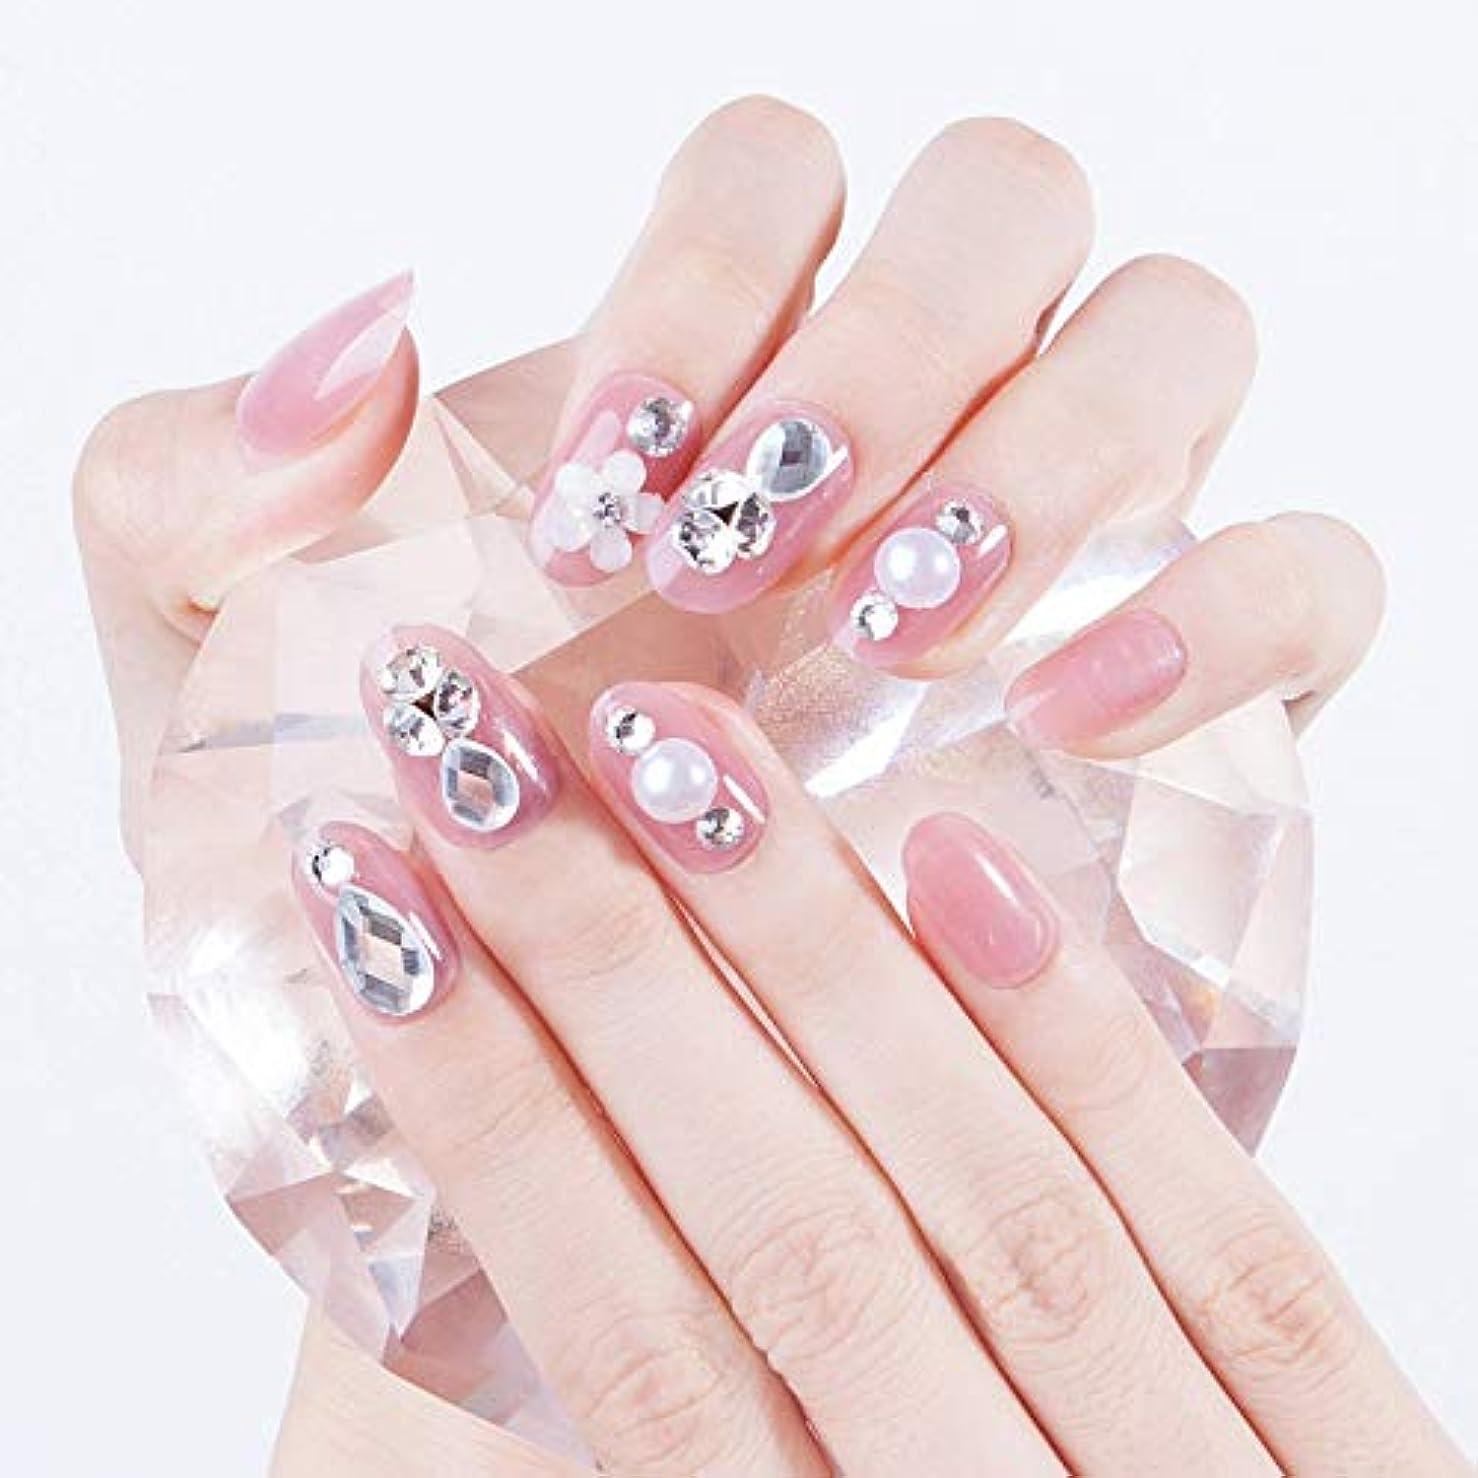 猫背偏見ショッキングスウィートピンク 水滴タイプアクリルや3D花飾り、キラキララインストーンなどのデコレーション 花嫁ネイルチップ 手作りつけ爪 ネイルジュエリー ネイルアート